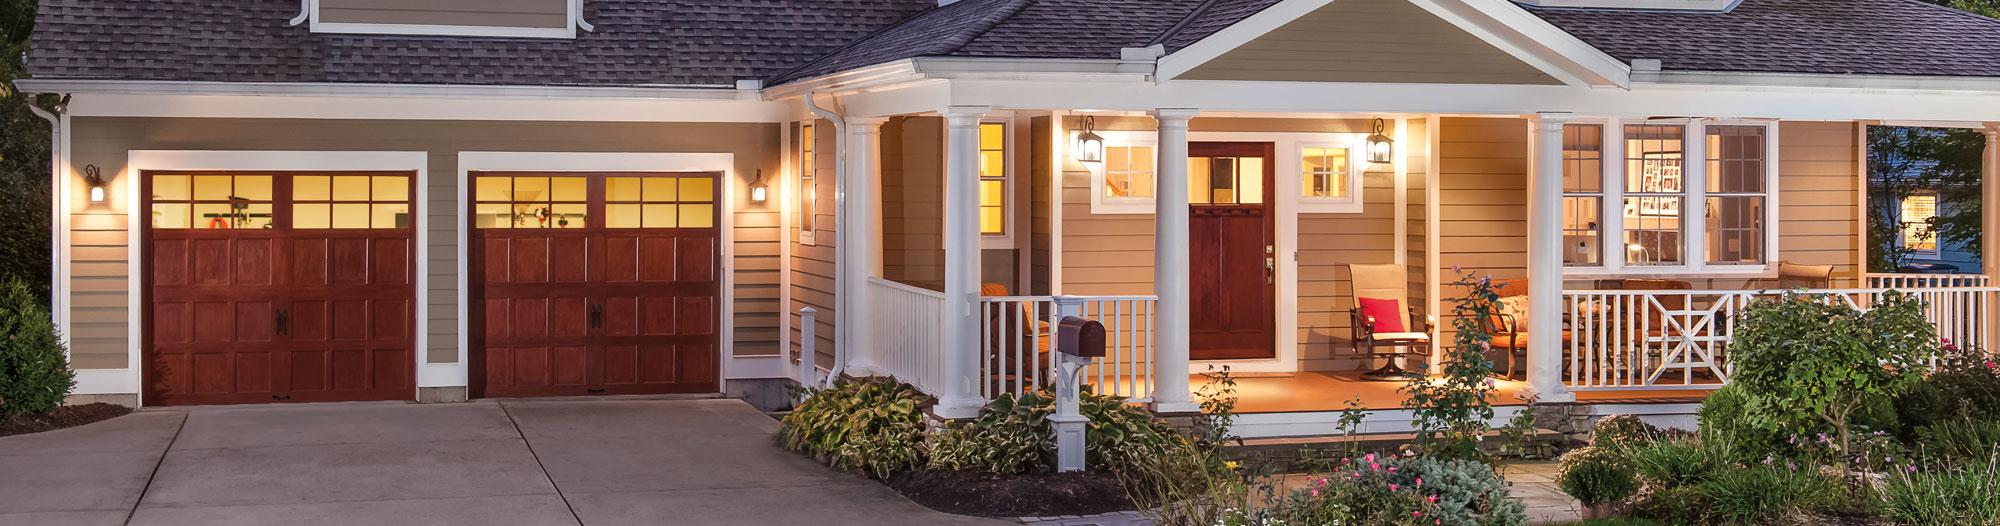 Garage Doors That Look Like Barn Doors Continental Door